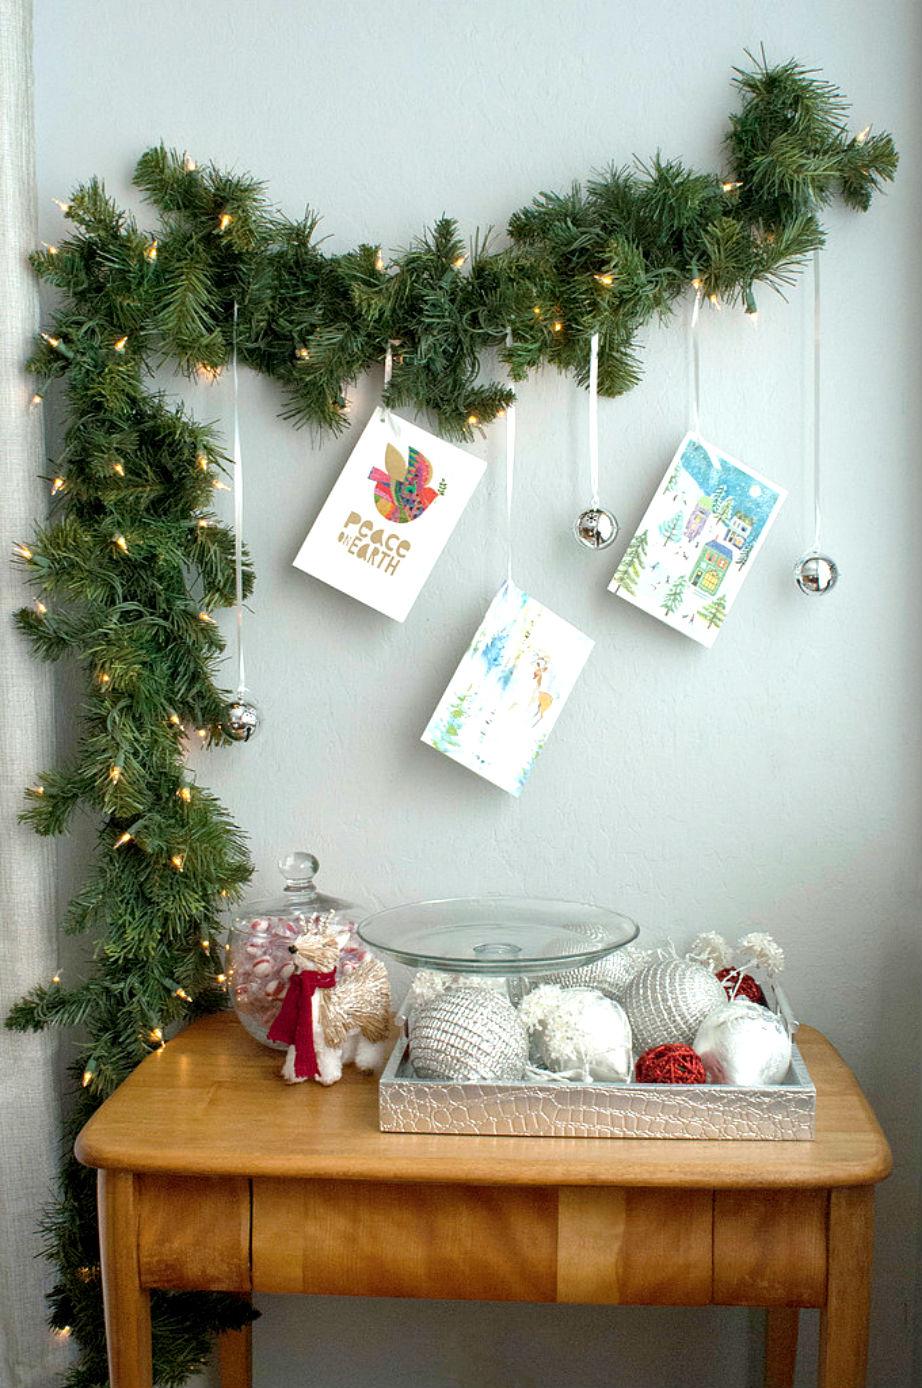 Παλιές κάρτες και μπάλες. Με άλλα λόγια εύκολα, οικονομικά και γρήγορα... Χριστούγεννα!